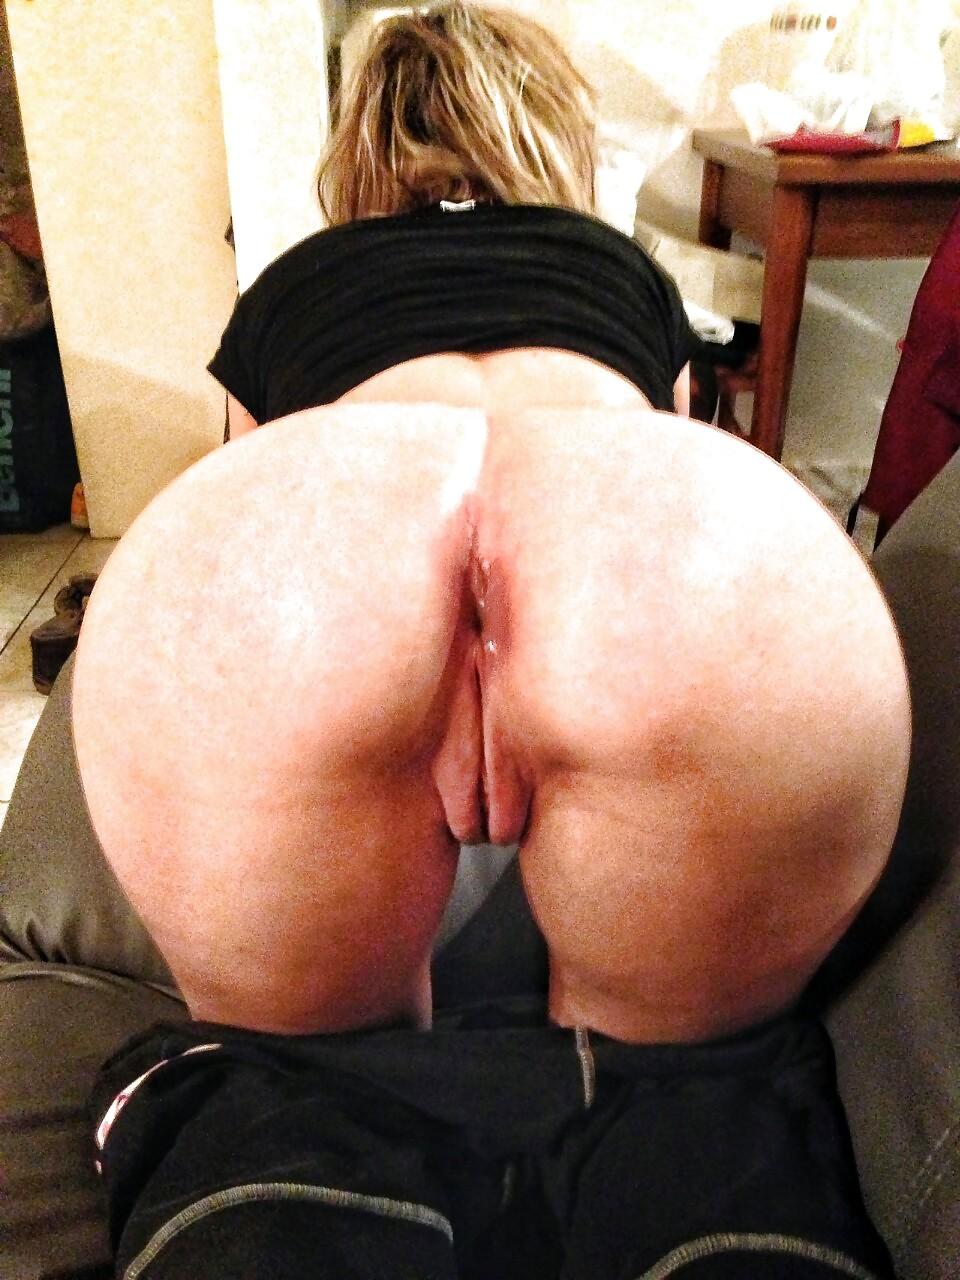 Порно фото худых женщин с огромной жопой